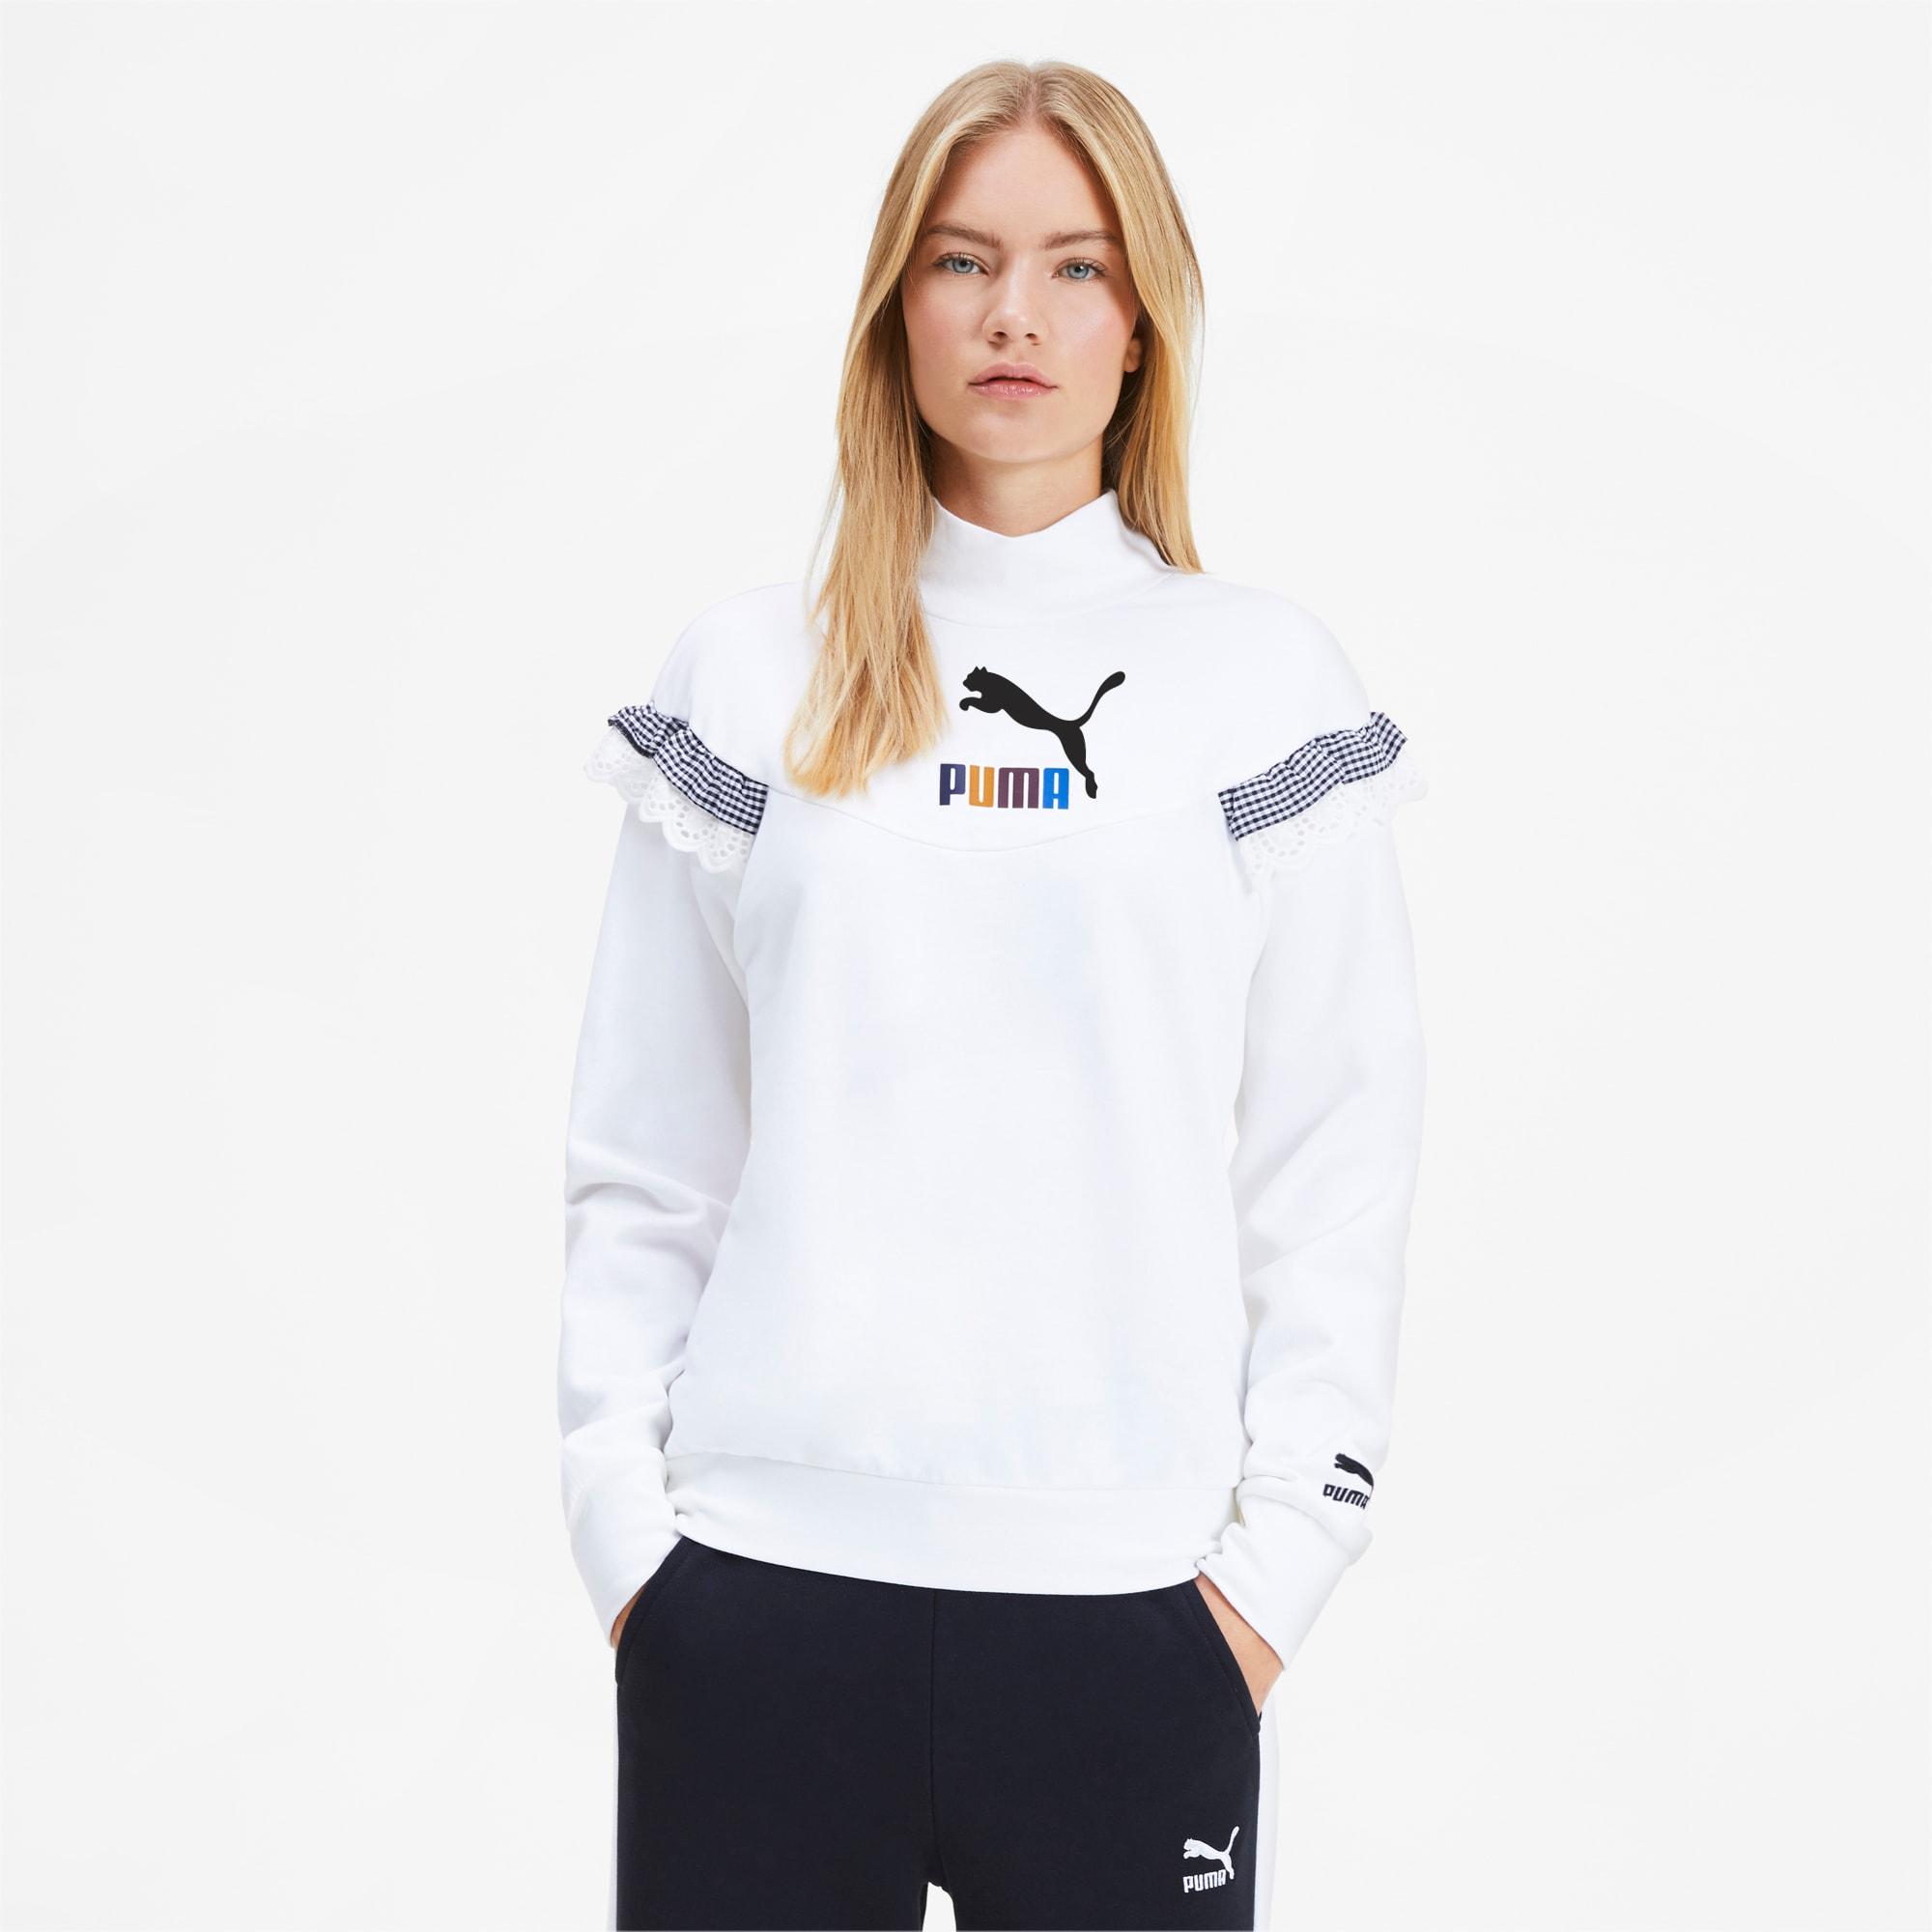 PUMA x TYAKASHA Women's Turtleneck Sweater